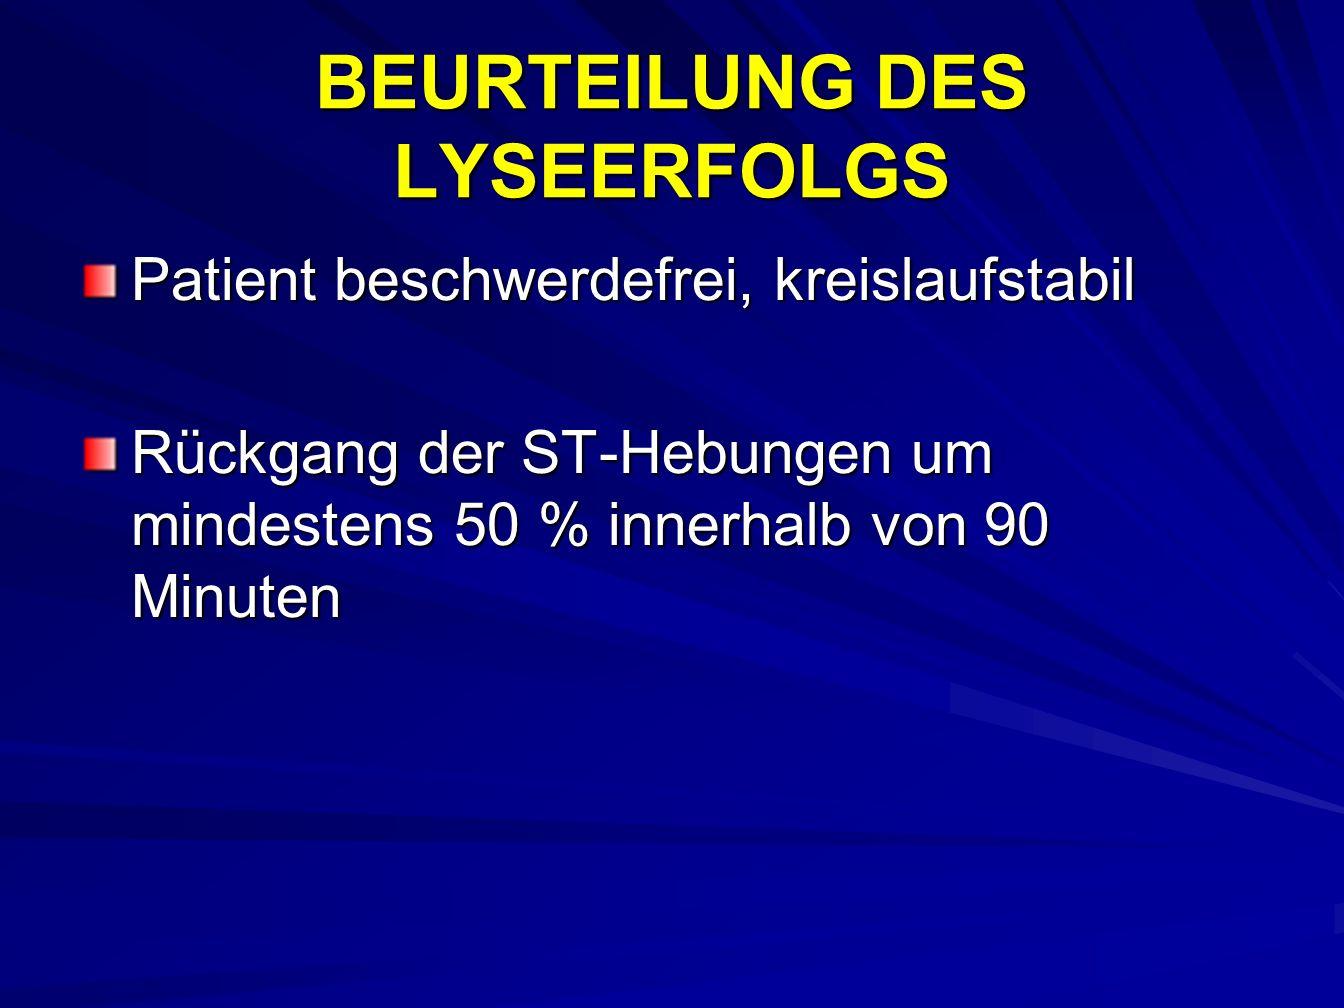 BEURTEILUNG DES LYSEERFOLGS Patient beschwerdefrei, kreislaufstabil Rückgang der ST-Hebungen um mindestens 50 % innerhalb von 90 Minuten